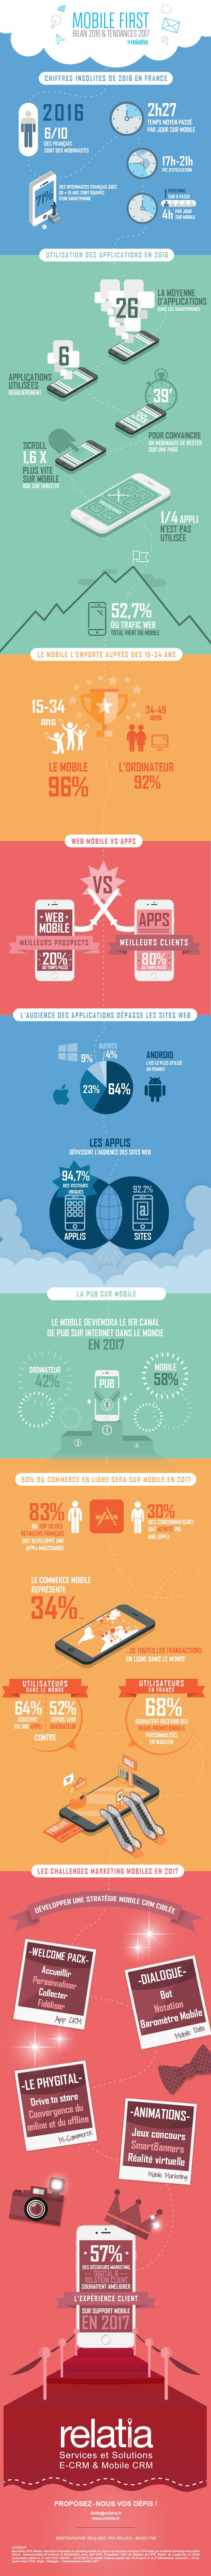 Infographie-Relatia Infographie : quelles tendances pour l'utilisation des smartphone !